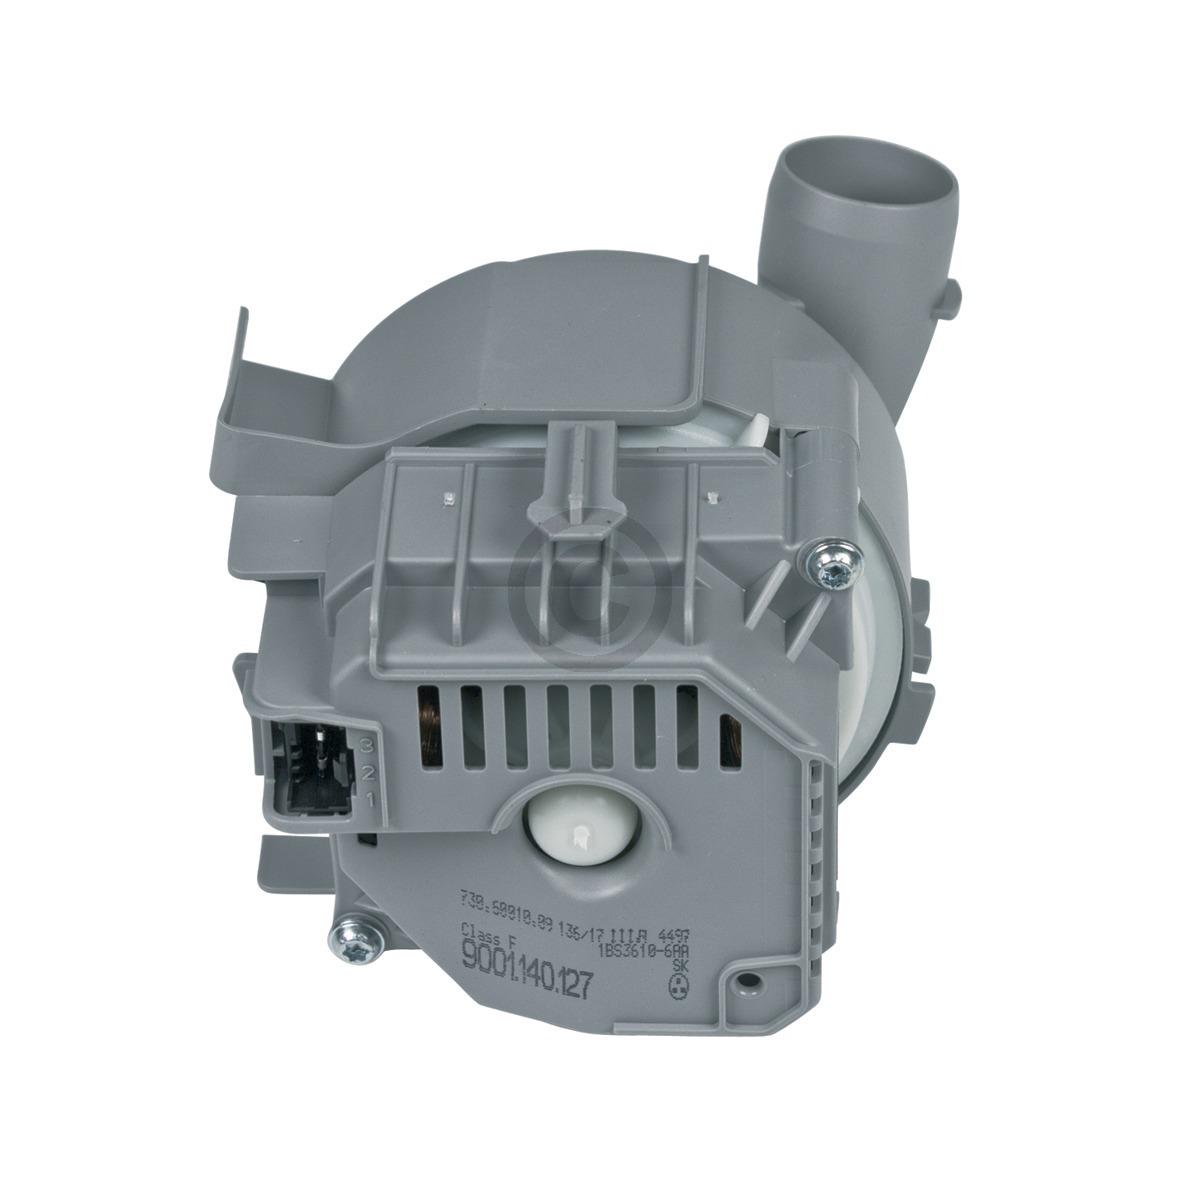 Heizpumpe 00755078 755078 Bosch, Siemens, Neff, Küppersbusch